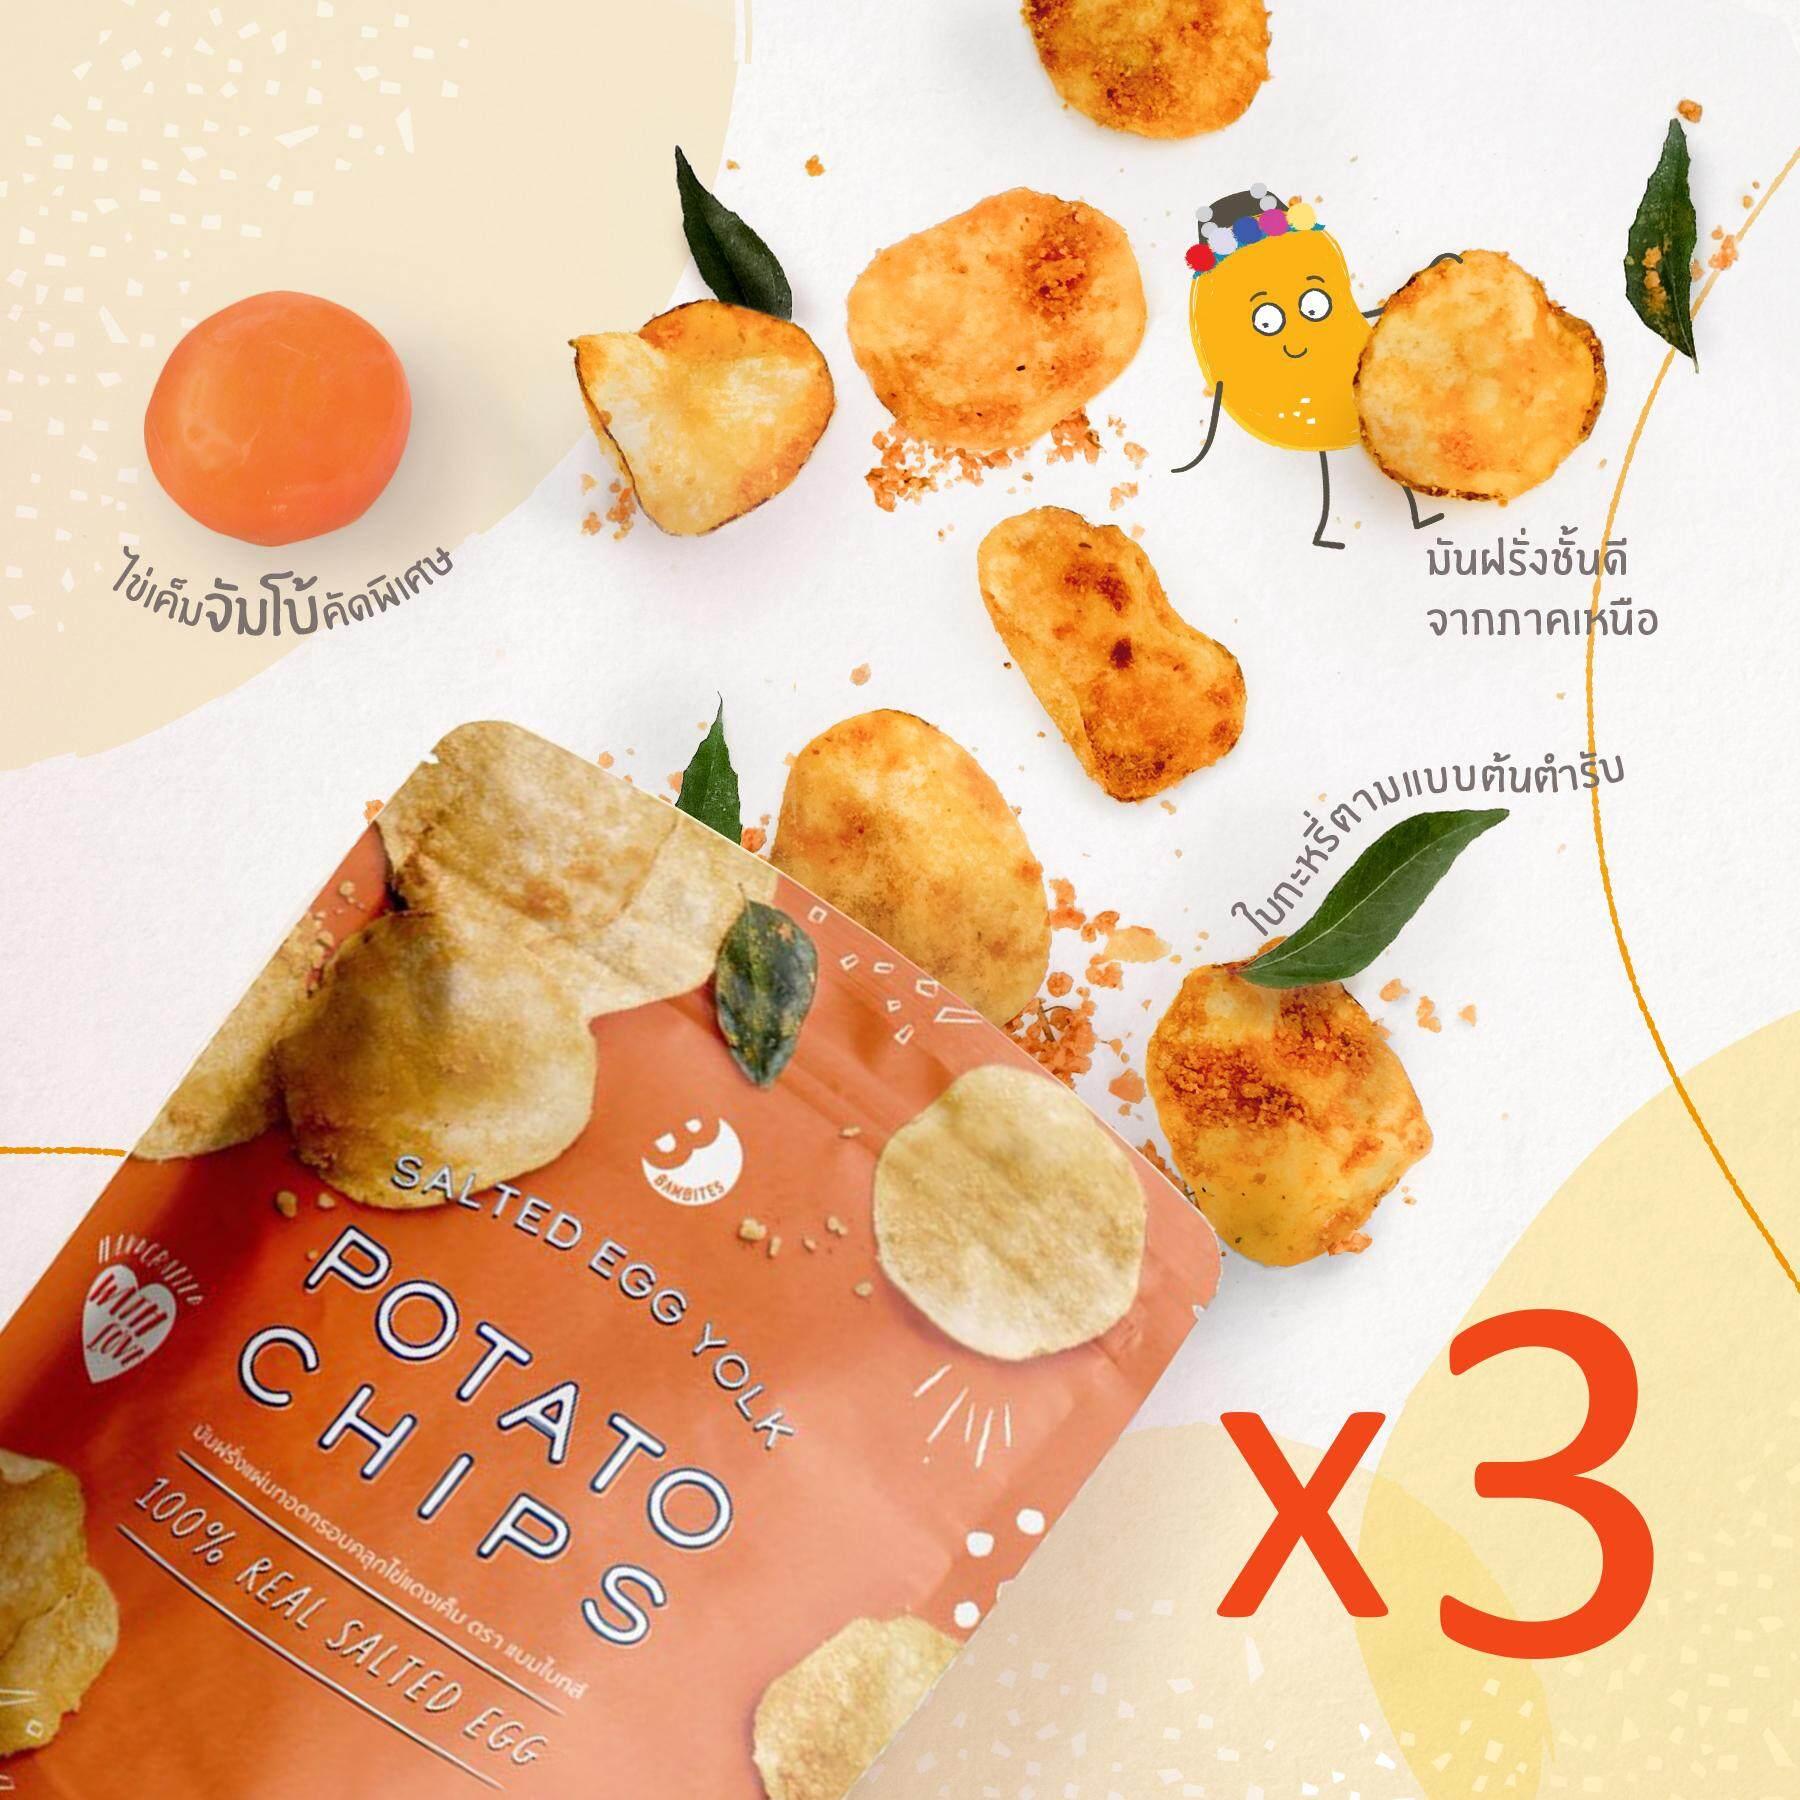 BamBites มันฝรั่ง แผ่นทอดกรอบคลุก ไข่เค็ม แท้ 100% หอม มัน กรอบ อร่อย เด็ดกว่า Irvins !!!! มันฝรั่งคลุกไข่เค็ม จำนวน 3 ถุง